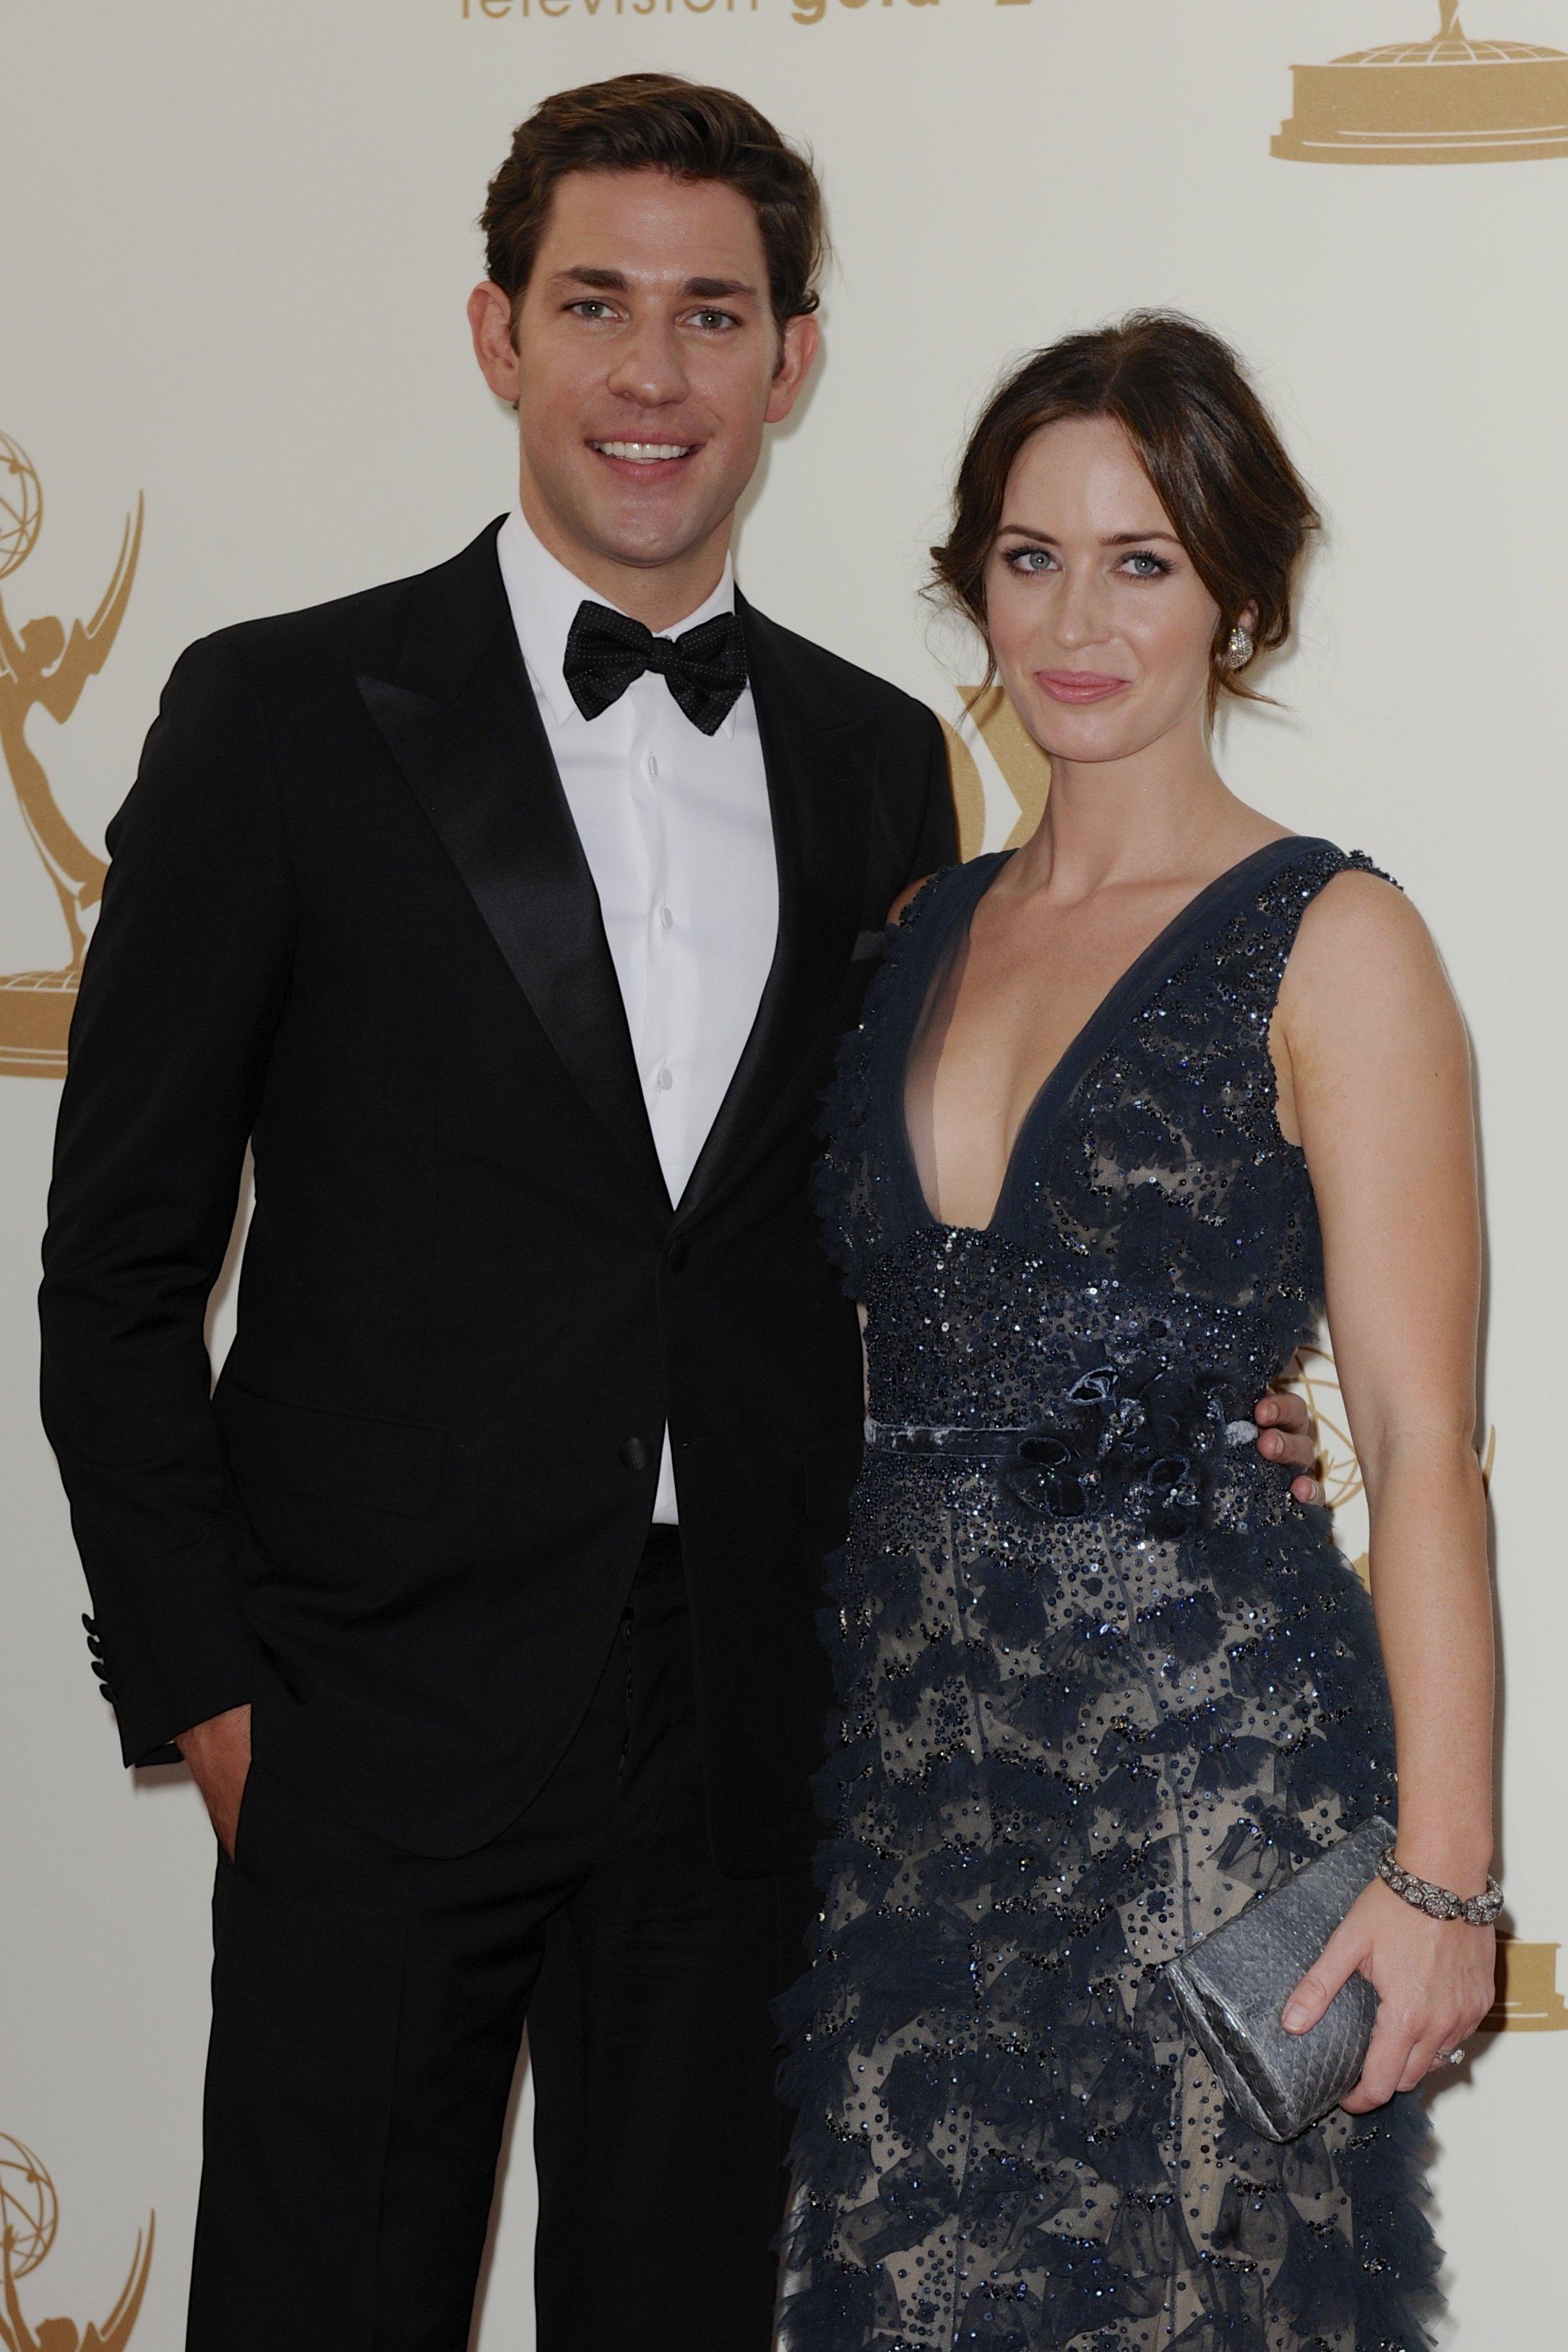 Emily Blunt, John Krasinski welcome baby girl   Houston ...